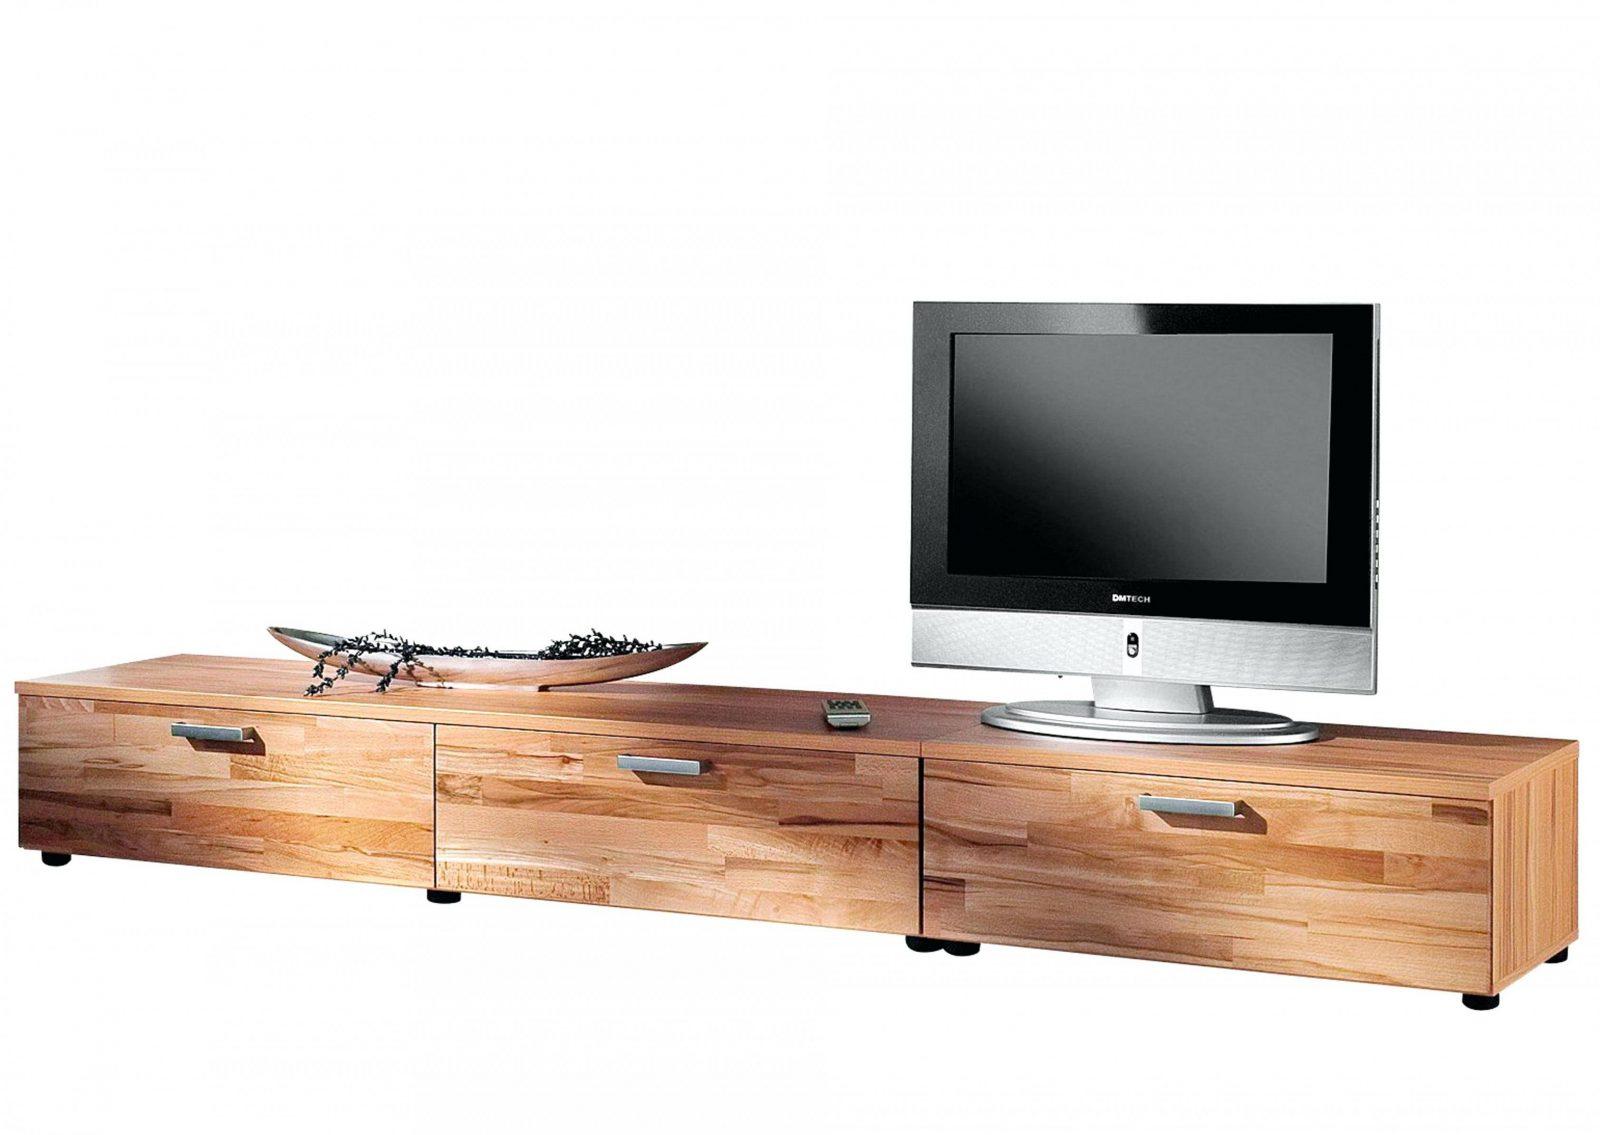 Möbel Auf Raten Kaufen Als Neukunde Trotz Schufa Haus Design Ideen